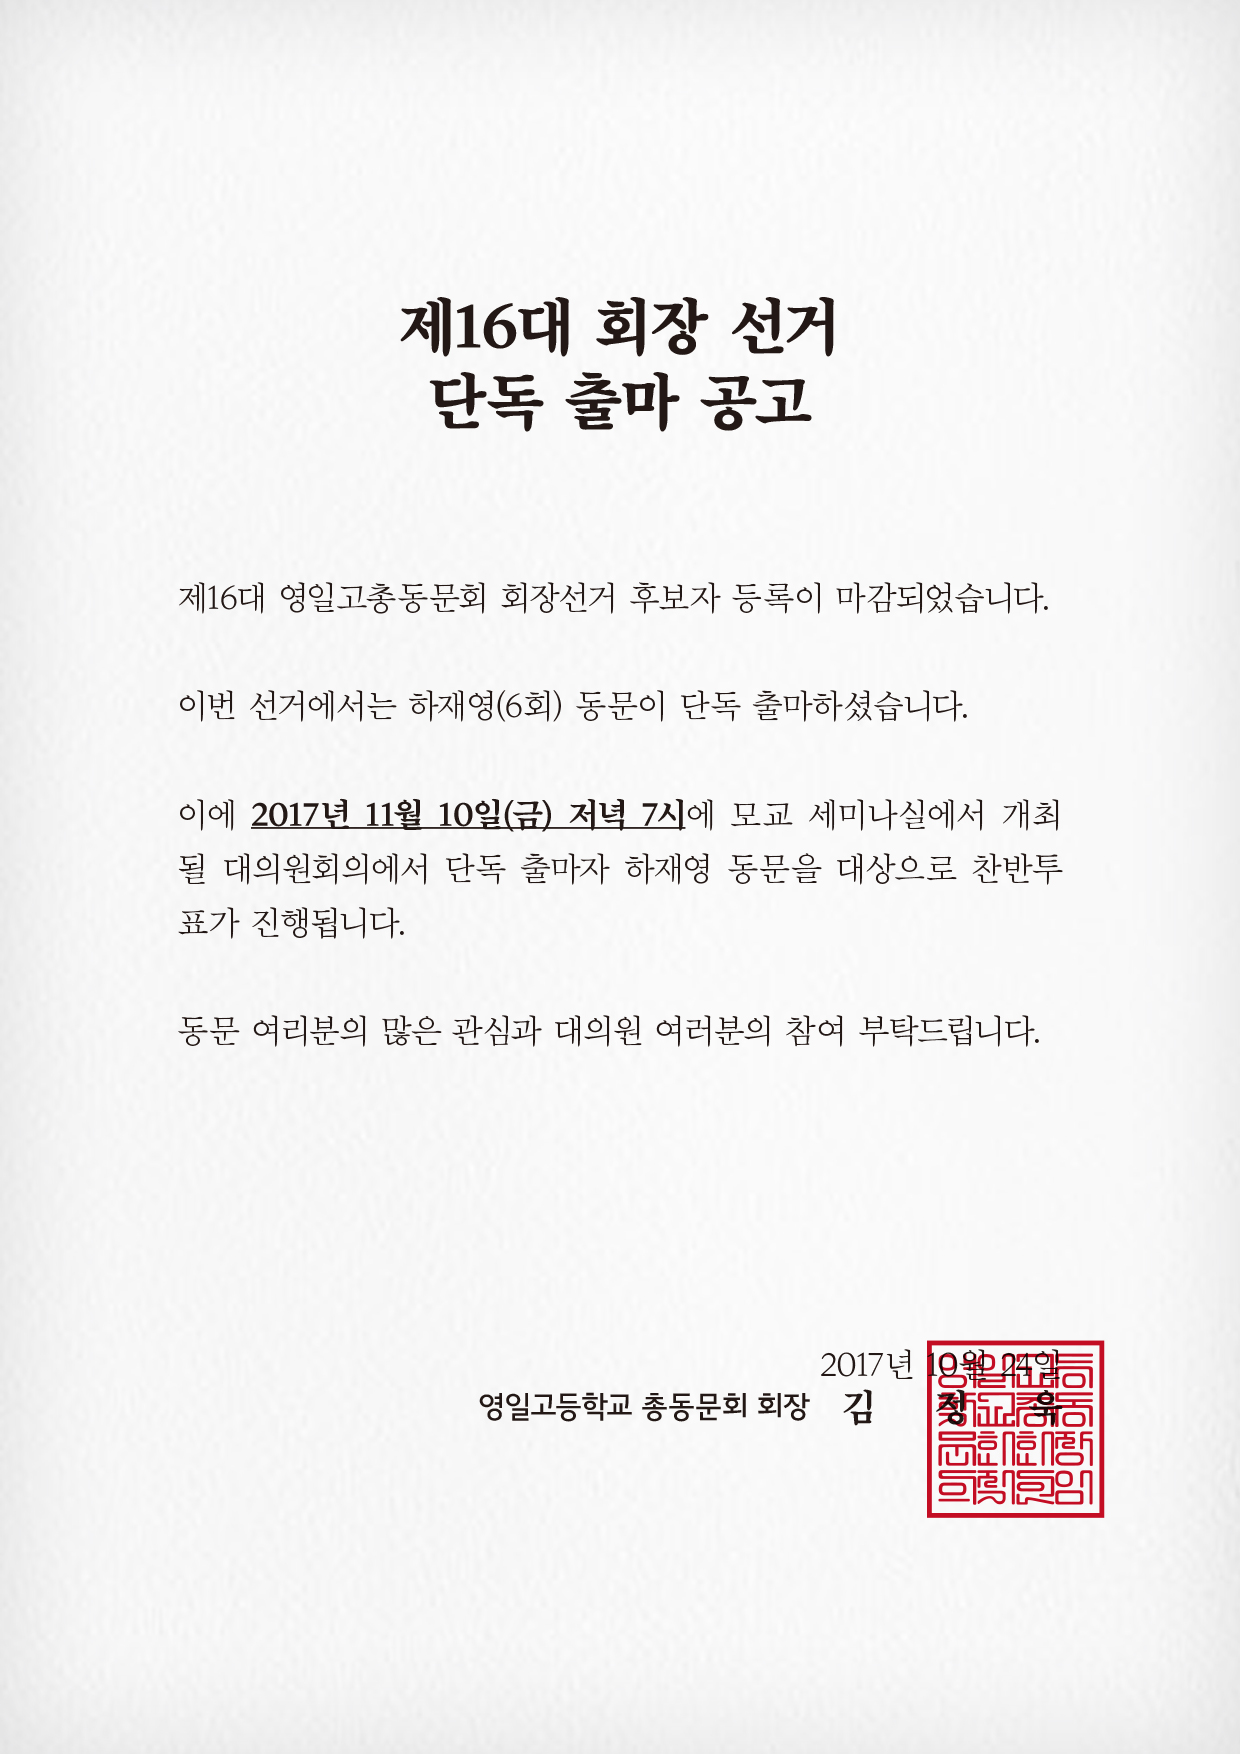 16대총동문회회장단독출마공고.jpg